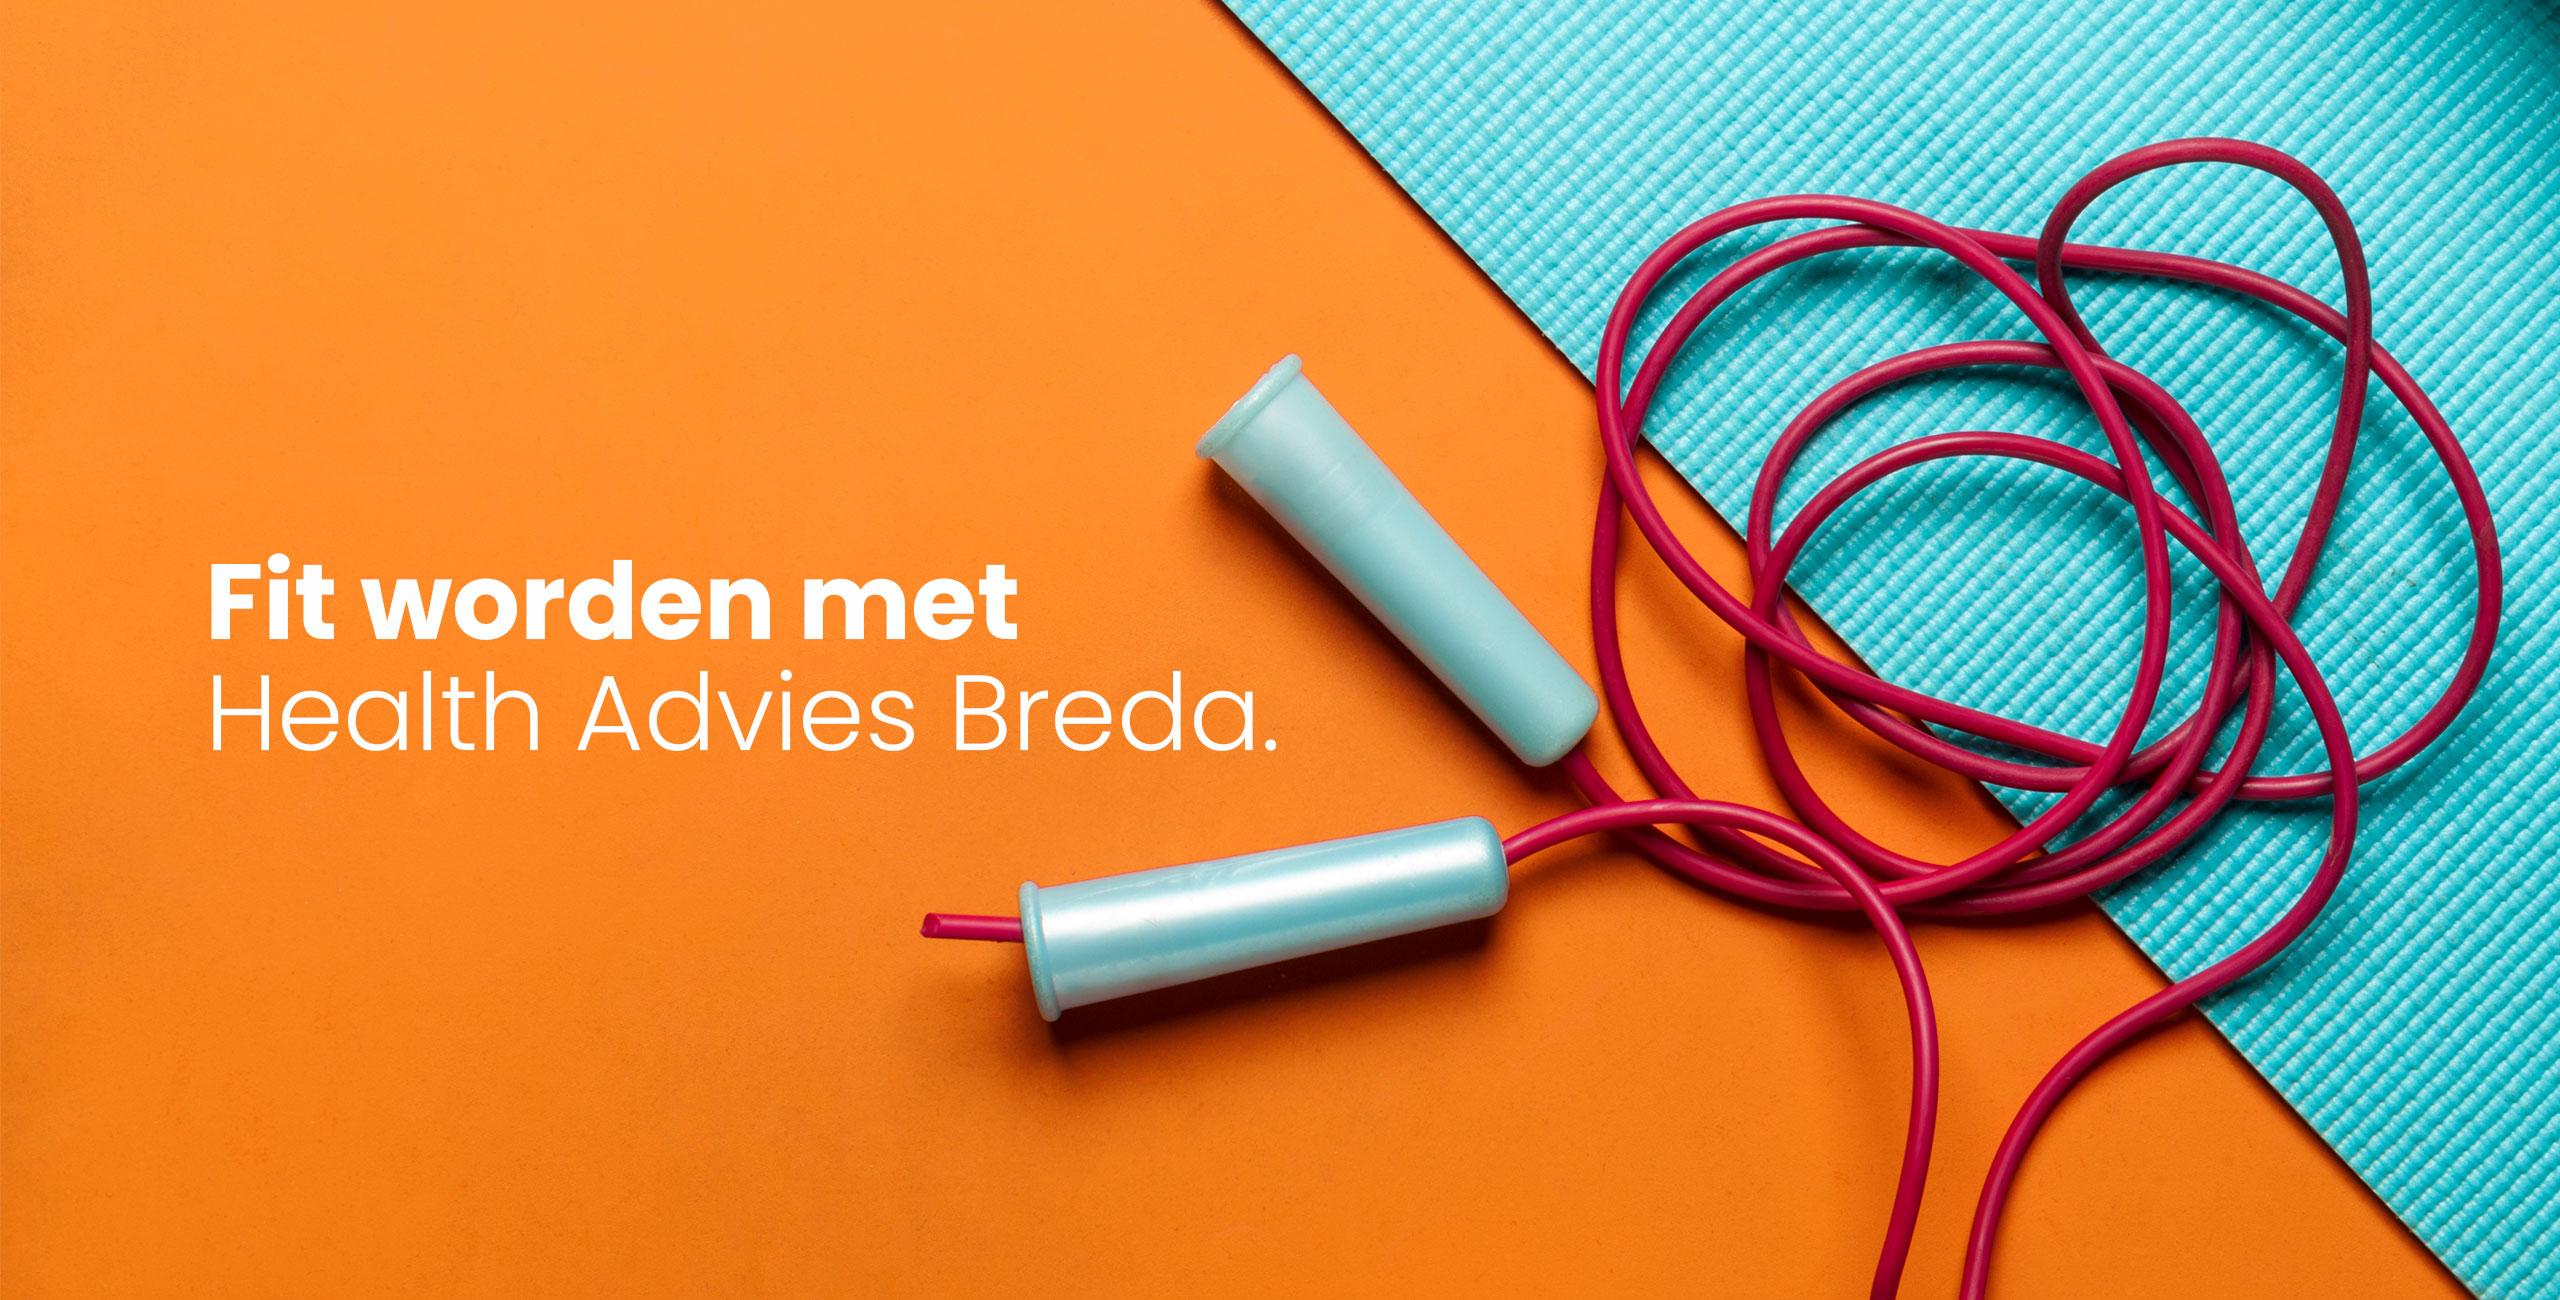 Fit worden met Health Advies Breda